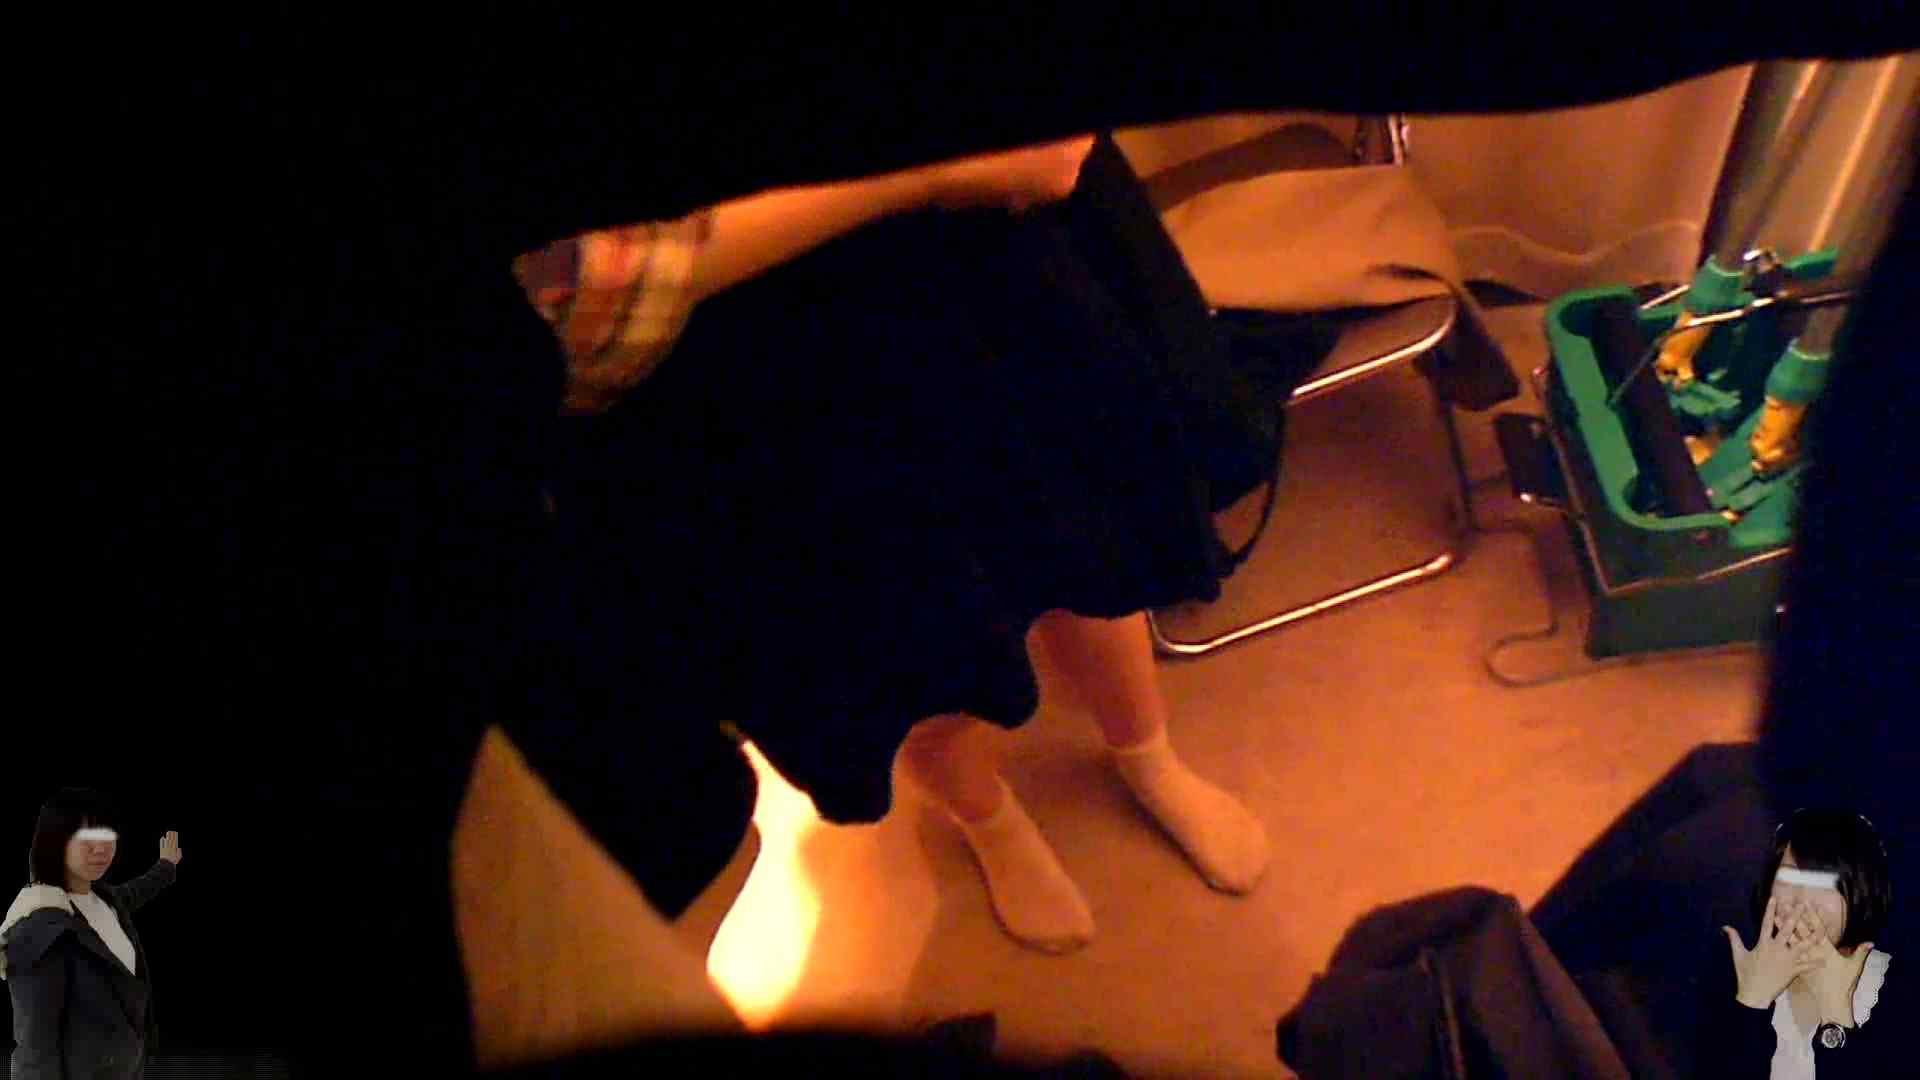 素人投稿 現役「JD」Eちゃんの着替え Vol.04 素人 のぞき濡れ場動画紹介 55連発 47